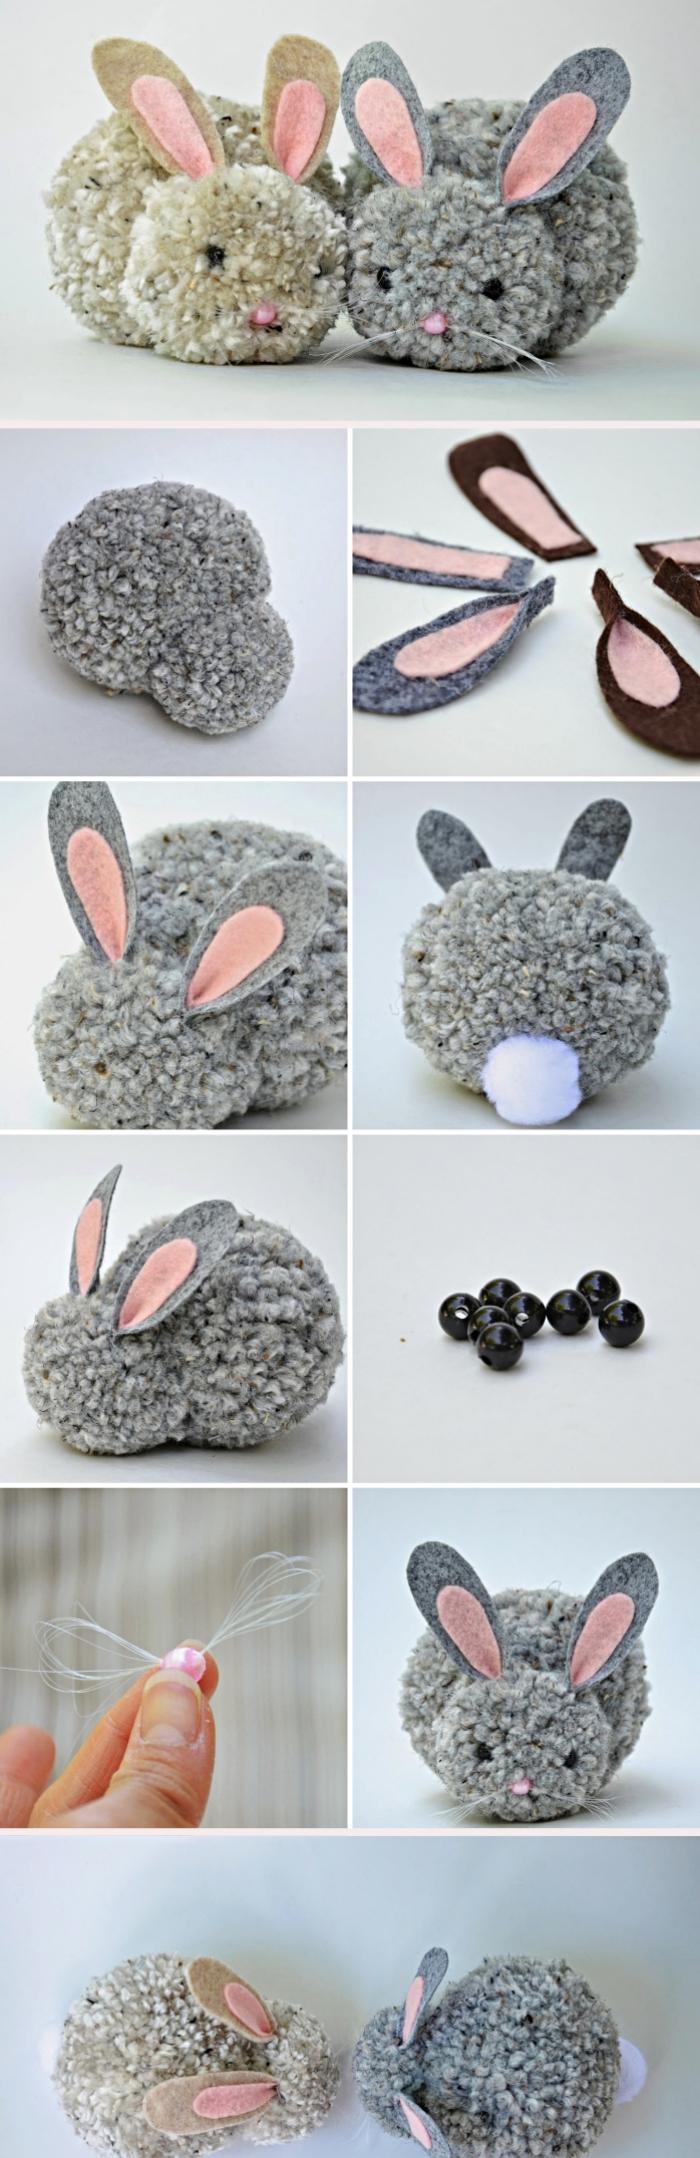 étapes à suivre pour faire des pompons en laine, couple de lapins réalisés à partir de boules de laines beige et gris